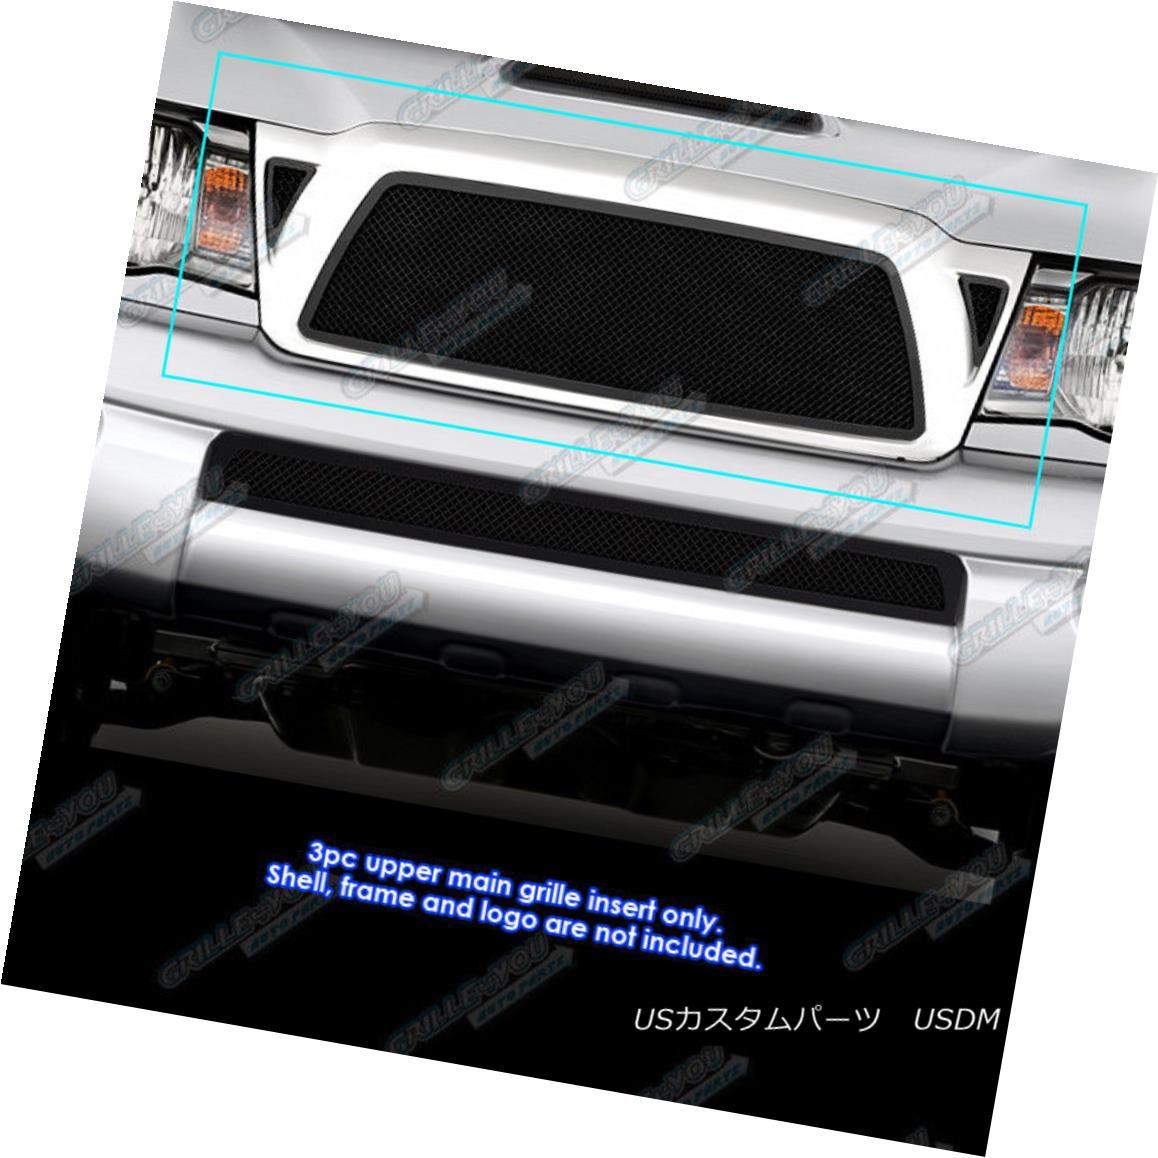 グリル Fits 2005-2010 Toyota Tacoma Black Stainless Steel Mesh Grille Grill Insert フィット2005-2010トヨタタコマブラックステンレスメッシュグリルグリルインサート